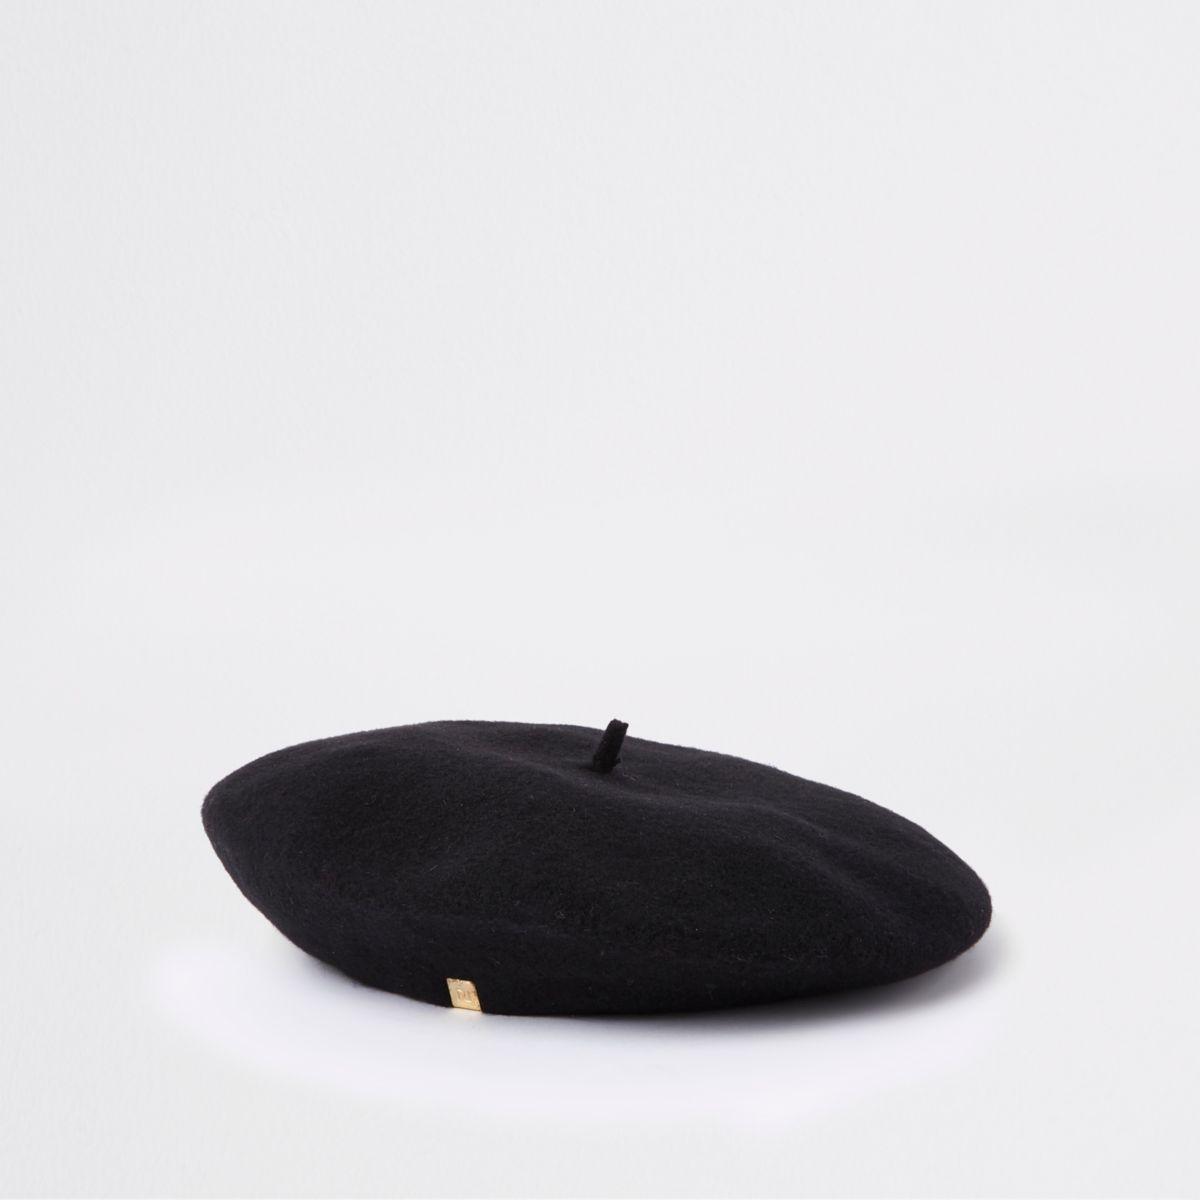 Black felt beret